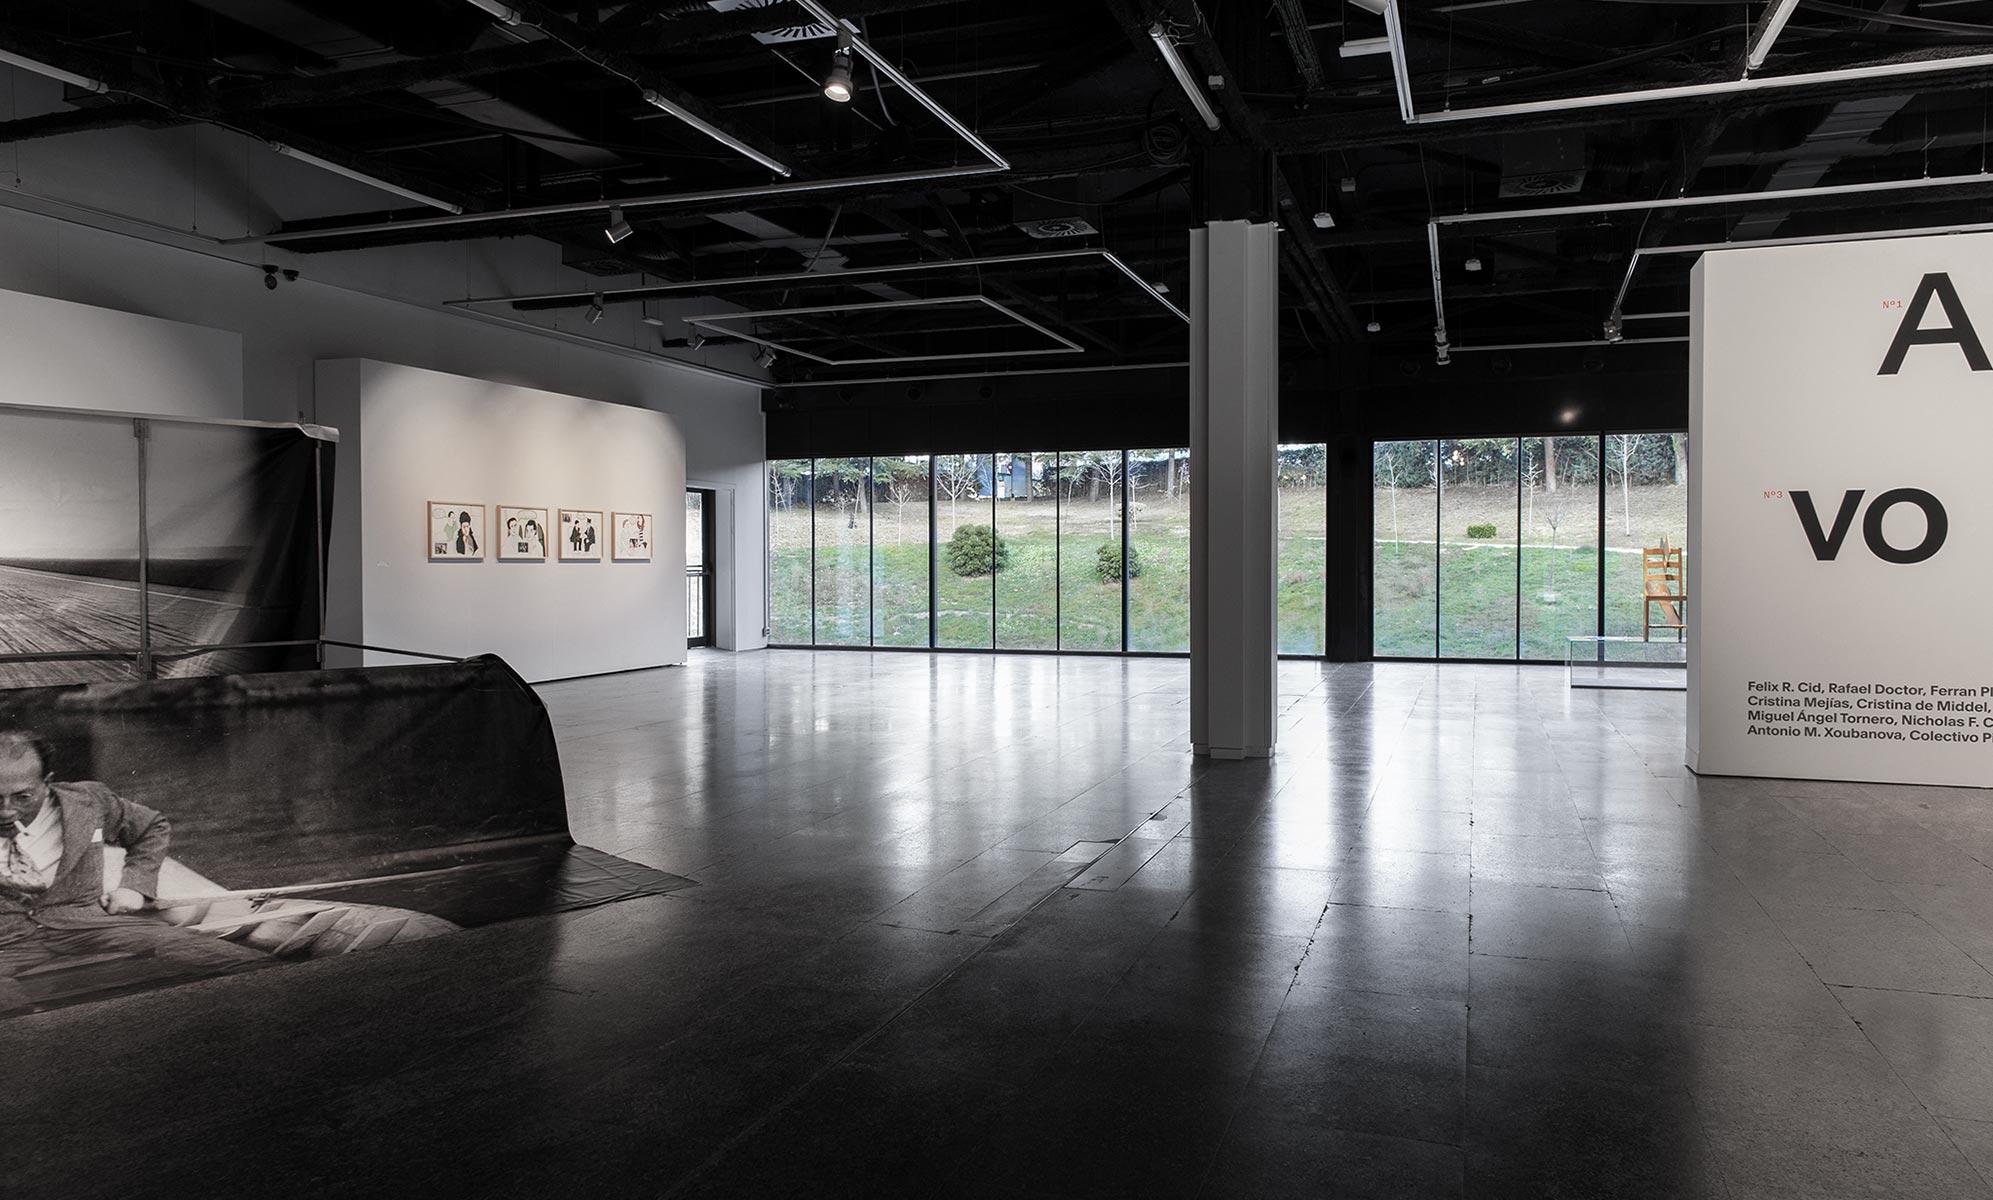 Fase, estudio de diseño gráfico. Identidad exposición de arte Archivo Rastro. Exposición.